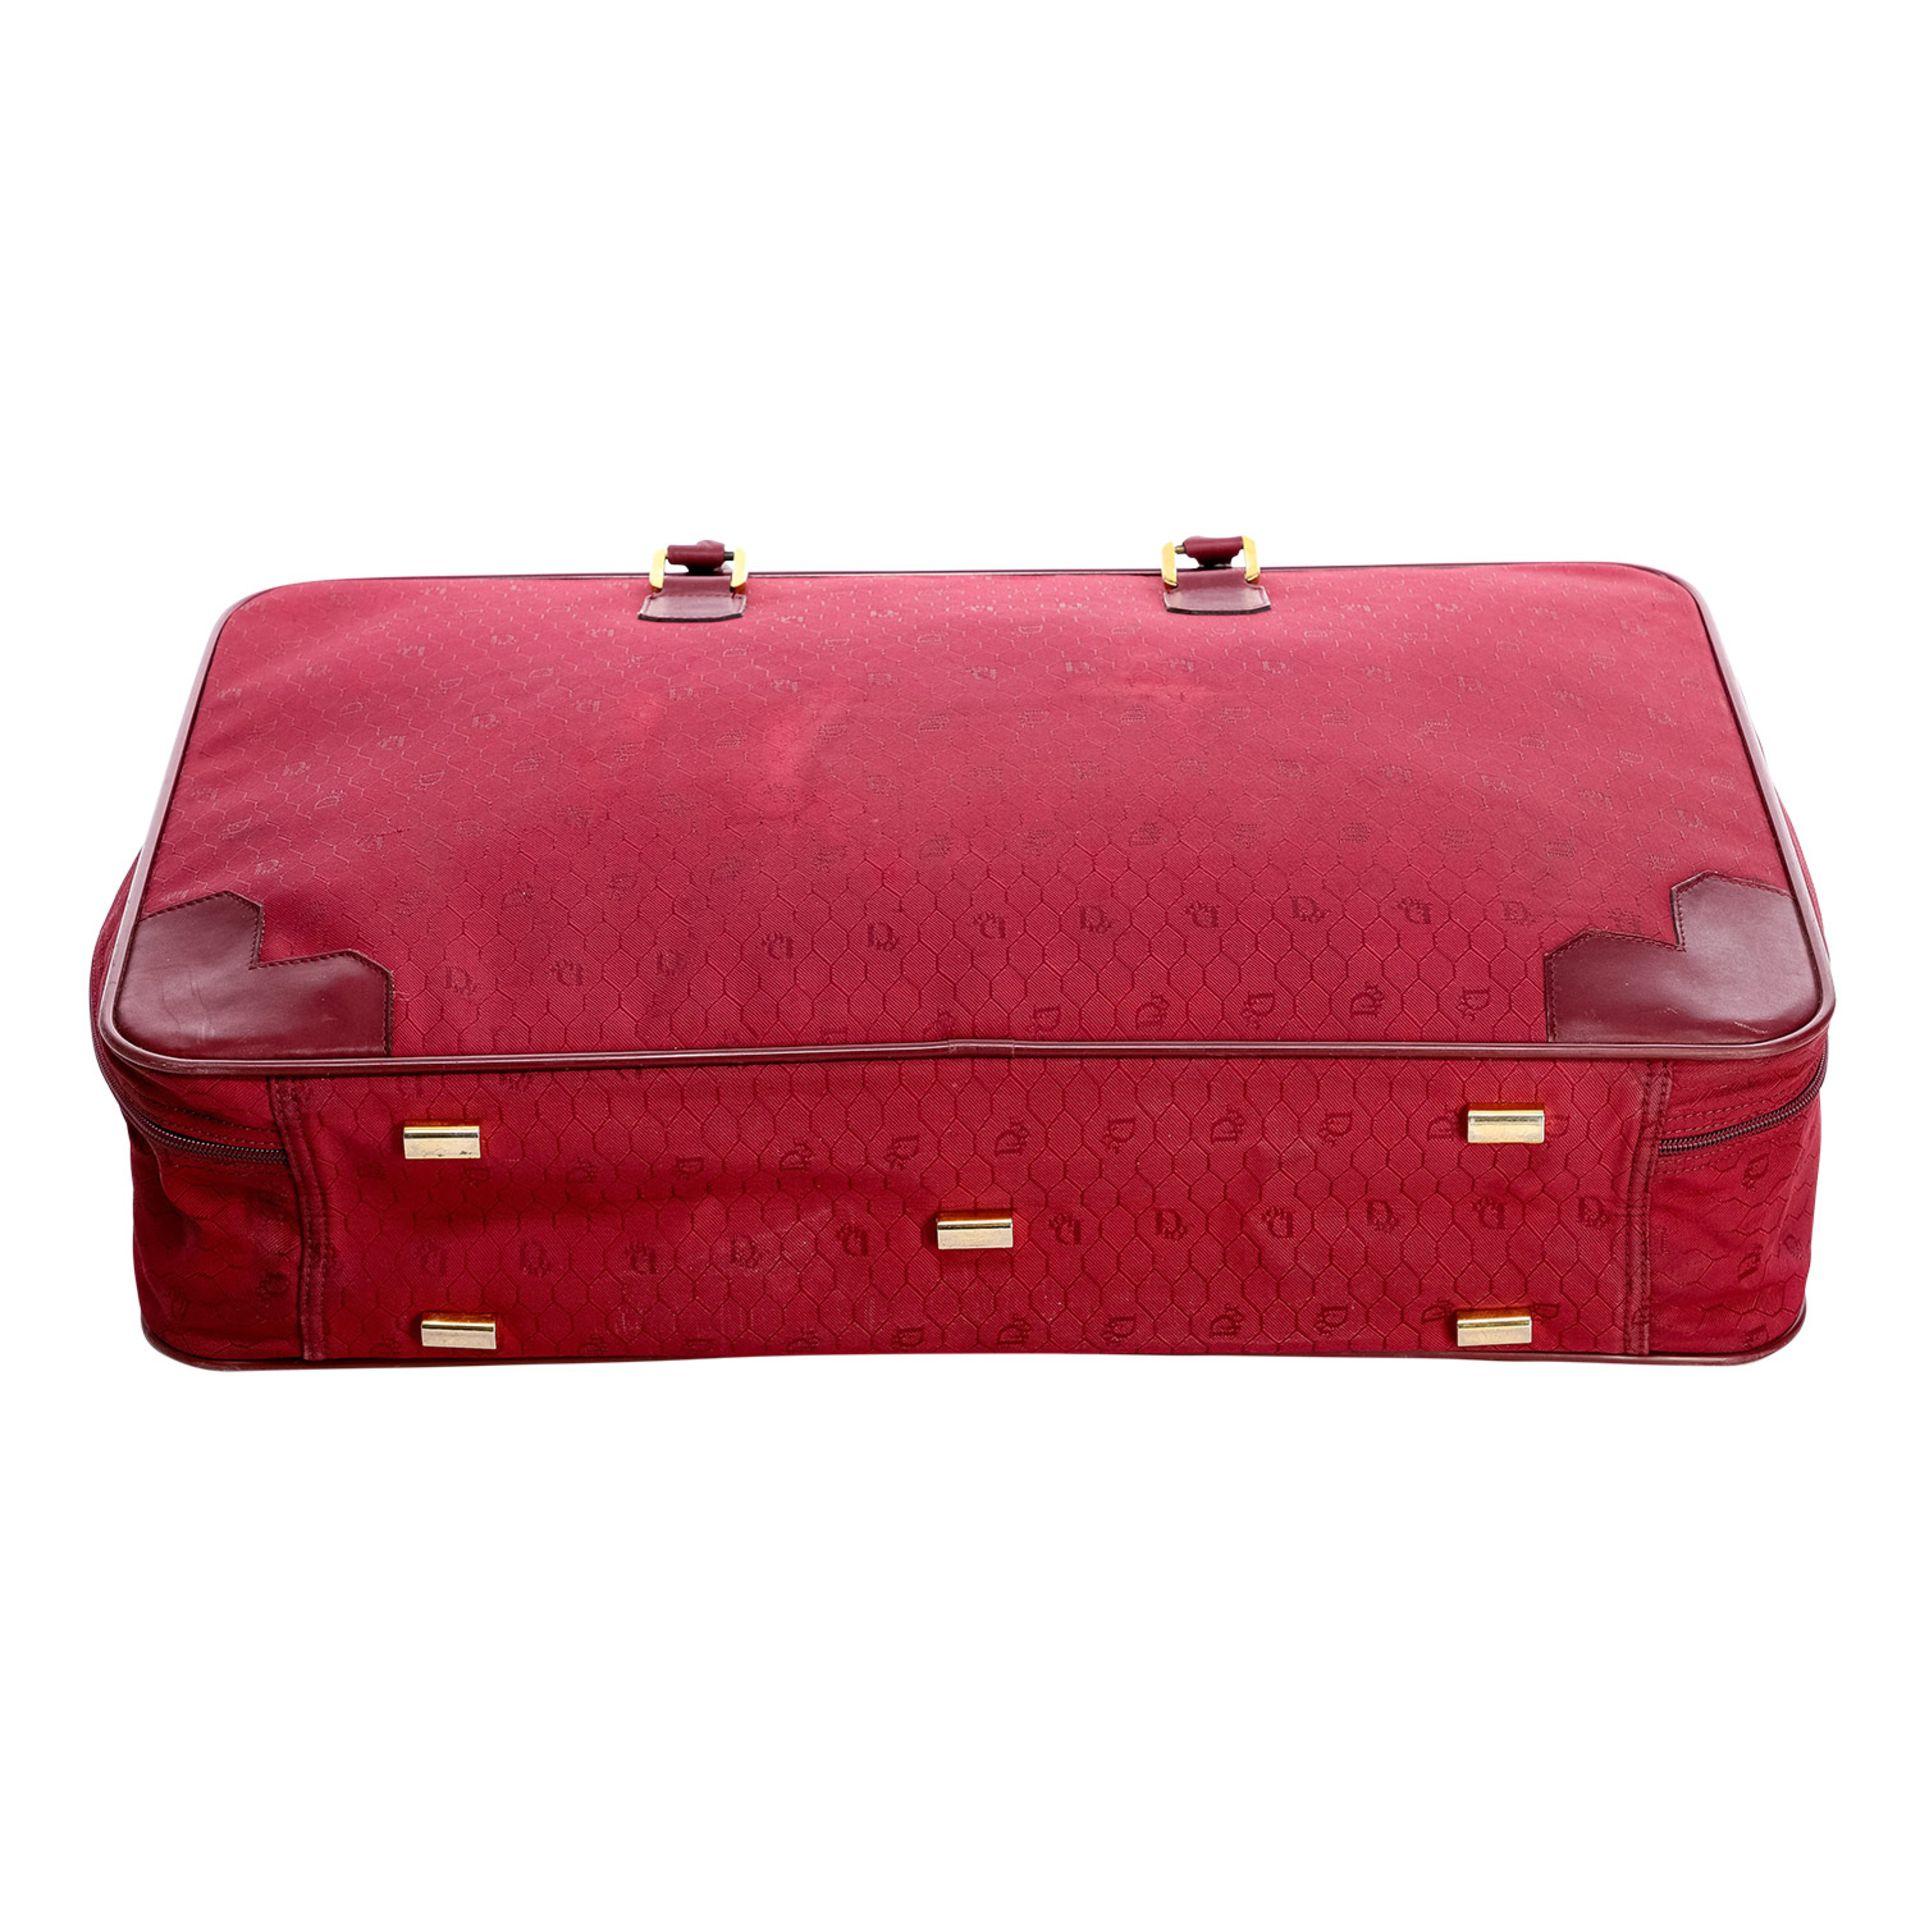 CHRISTIAN DIOR VINTAGE Koffer. - Image 5 of 6